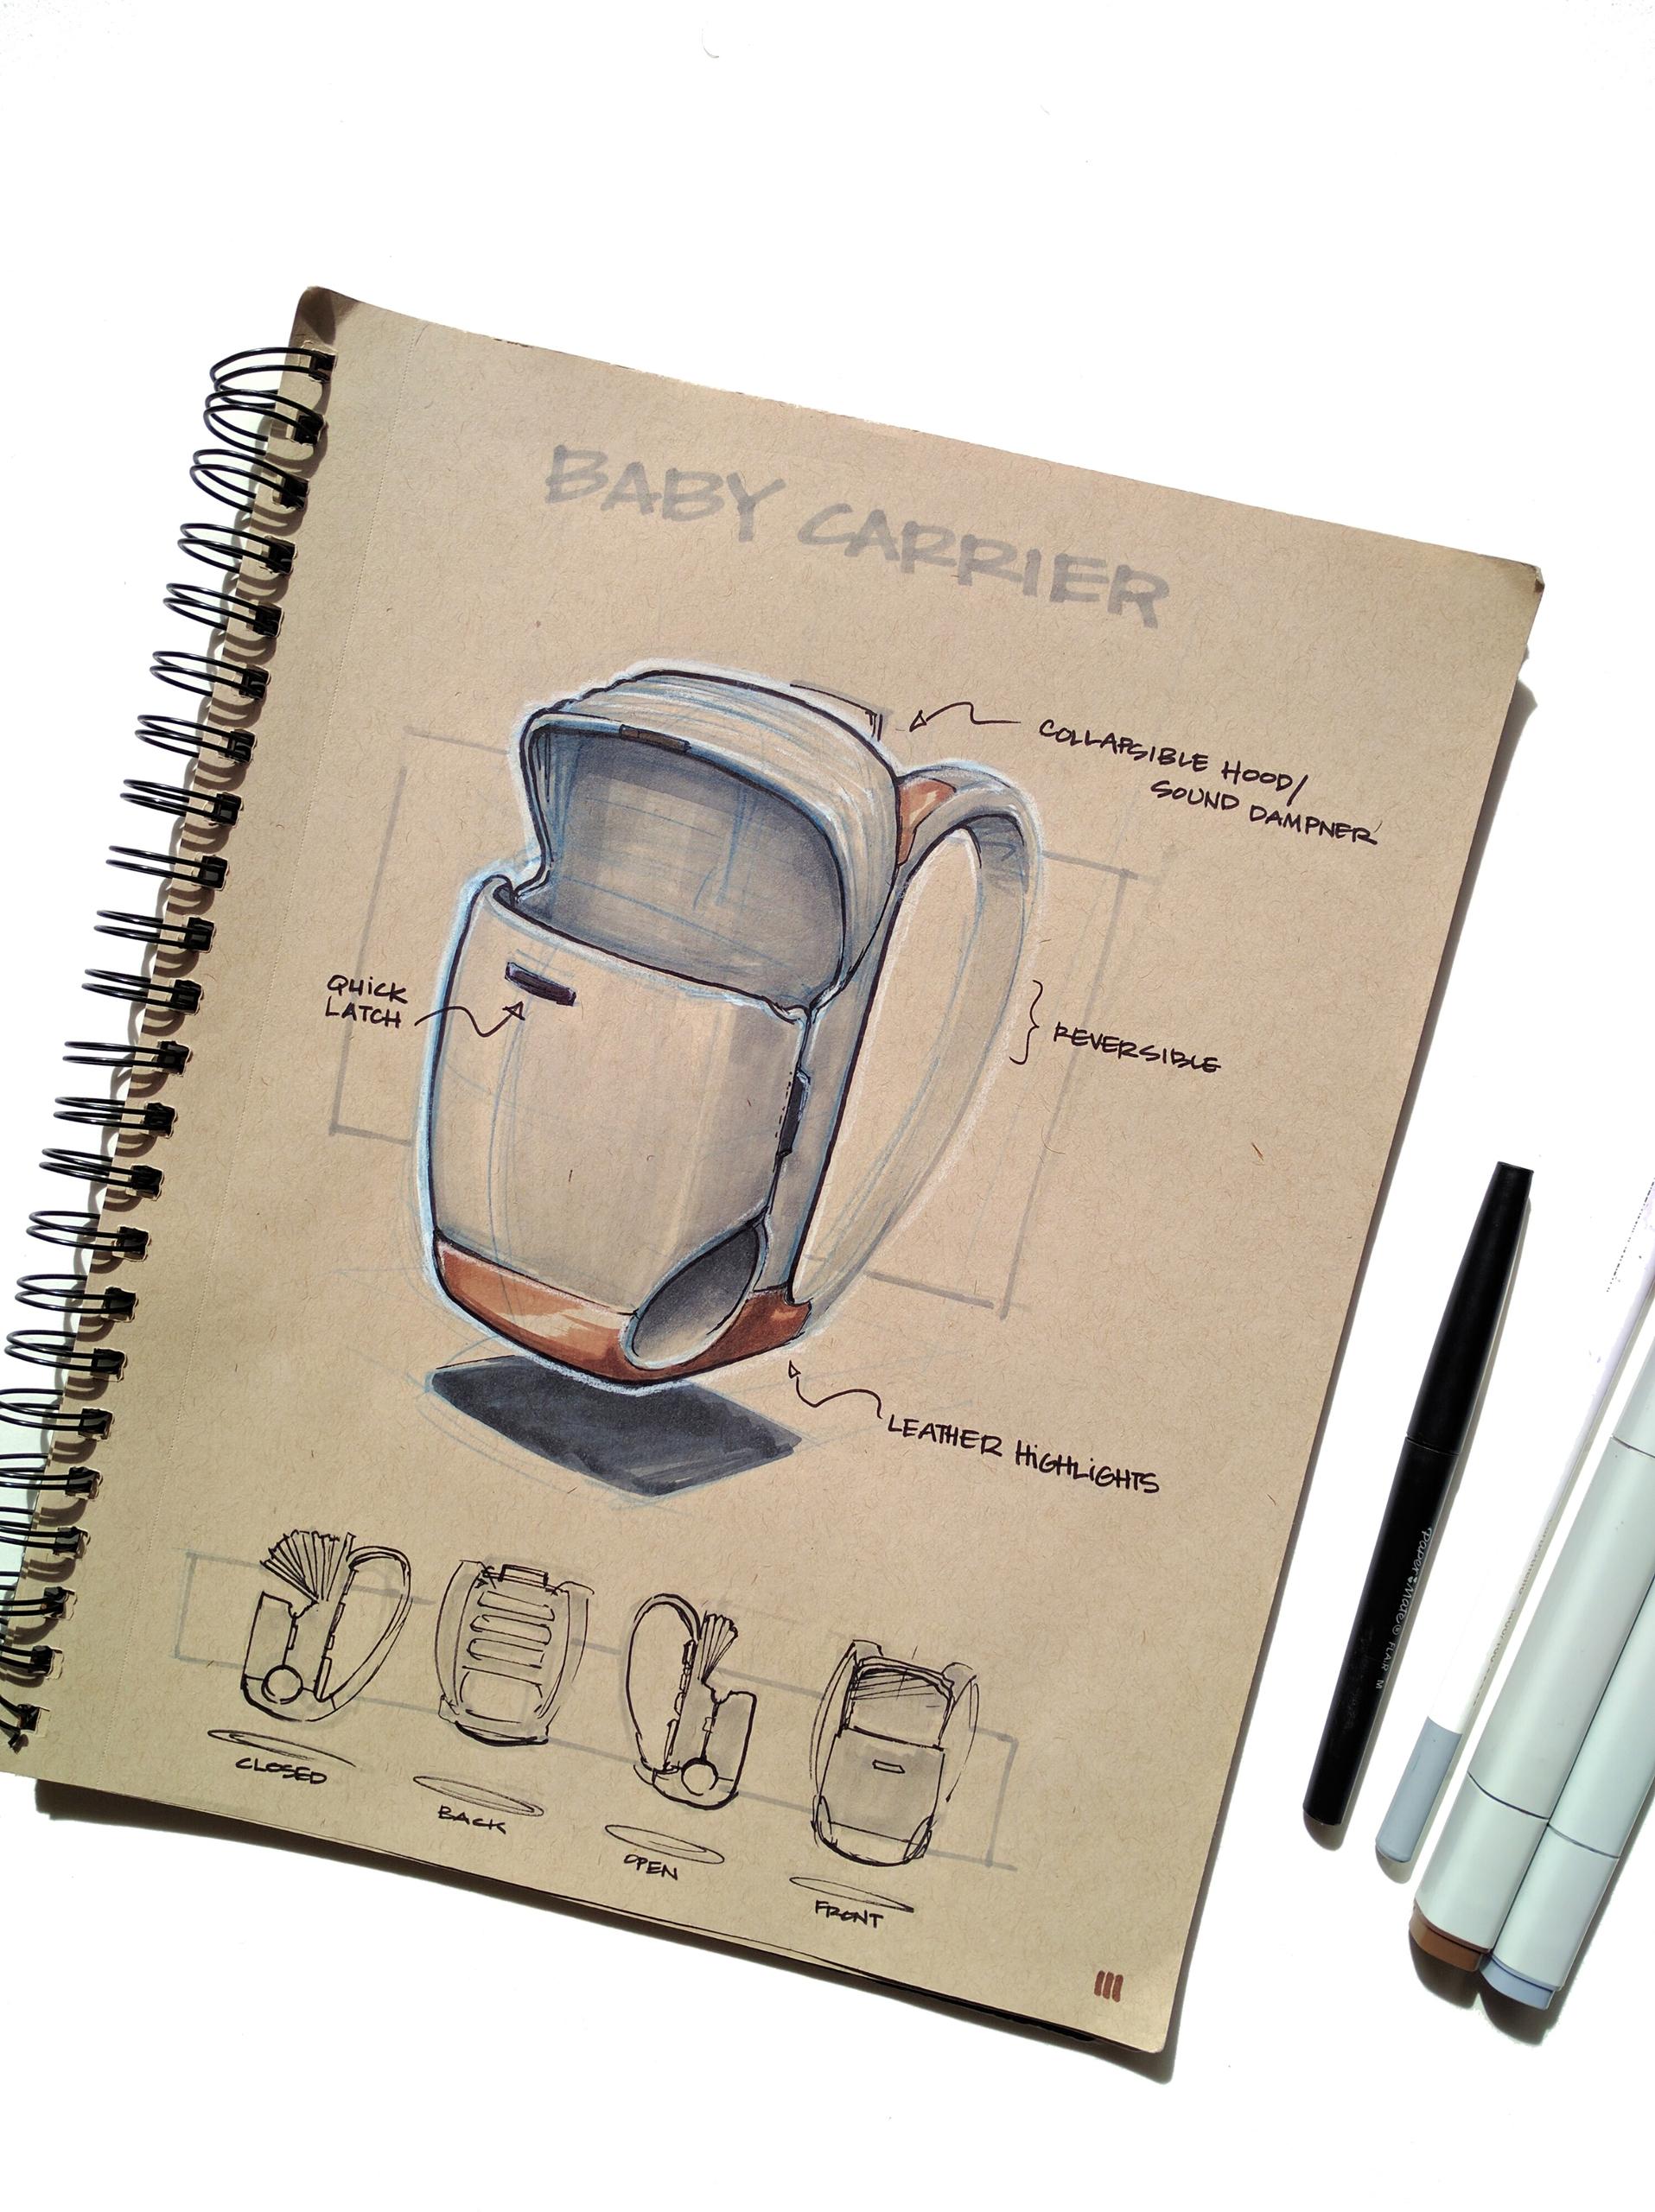 Baby Carrier Sketch industriald - matt-marchand | ello